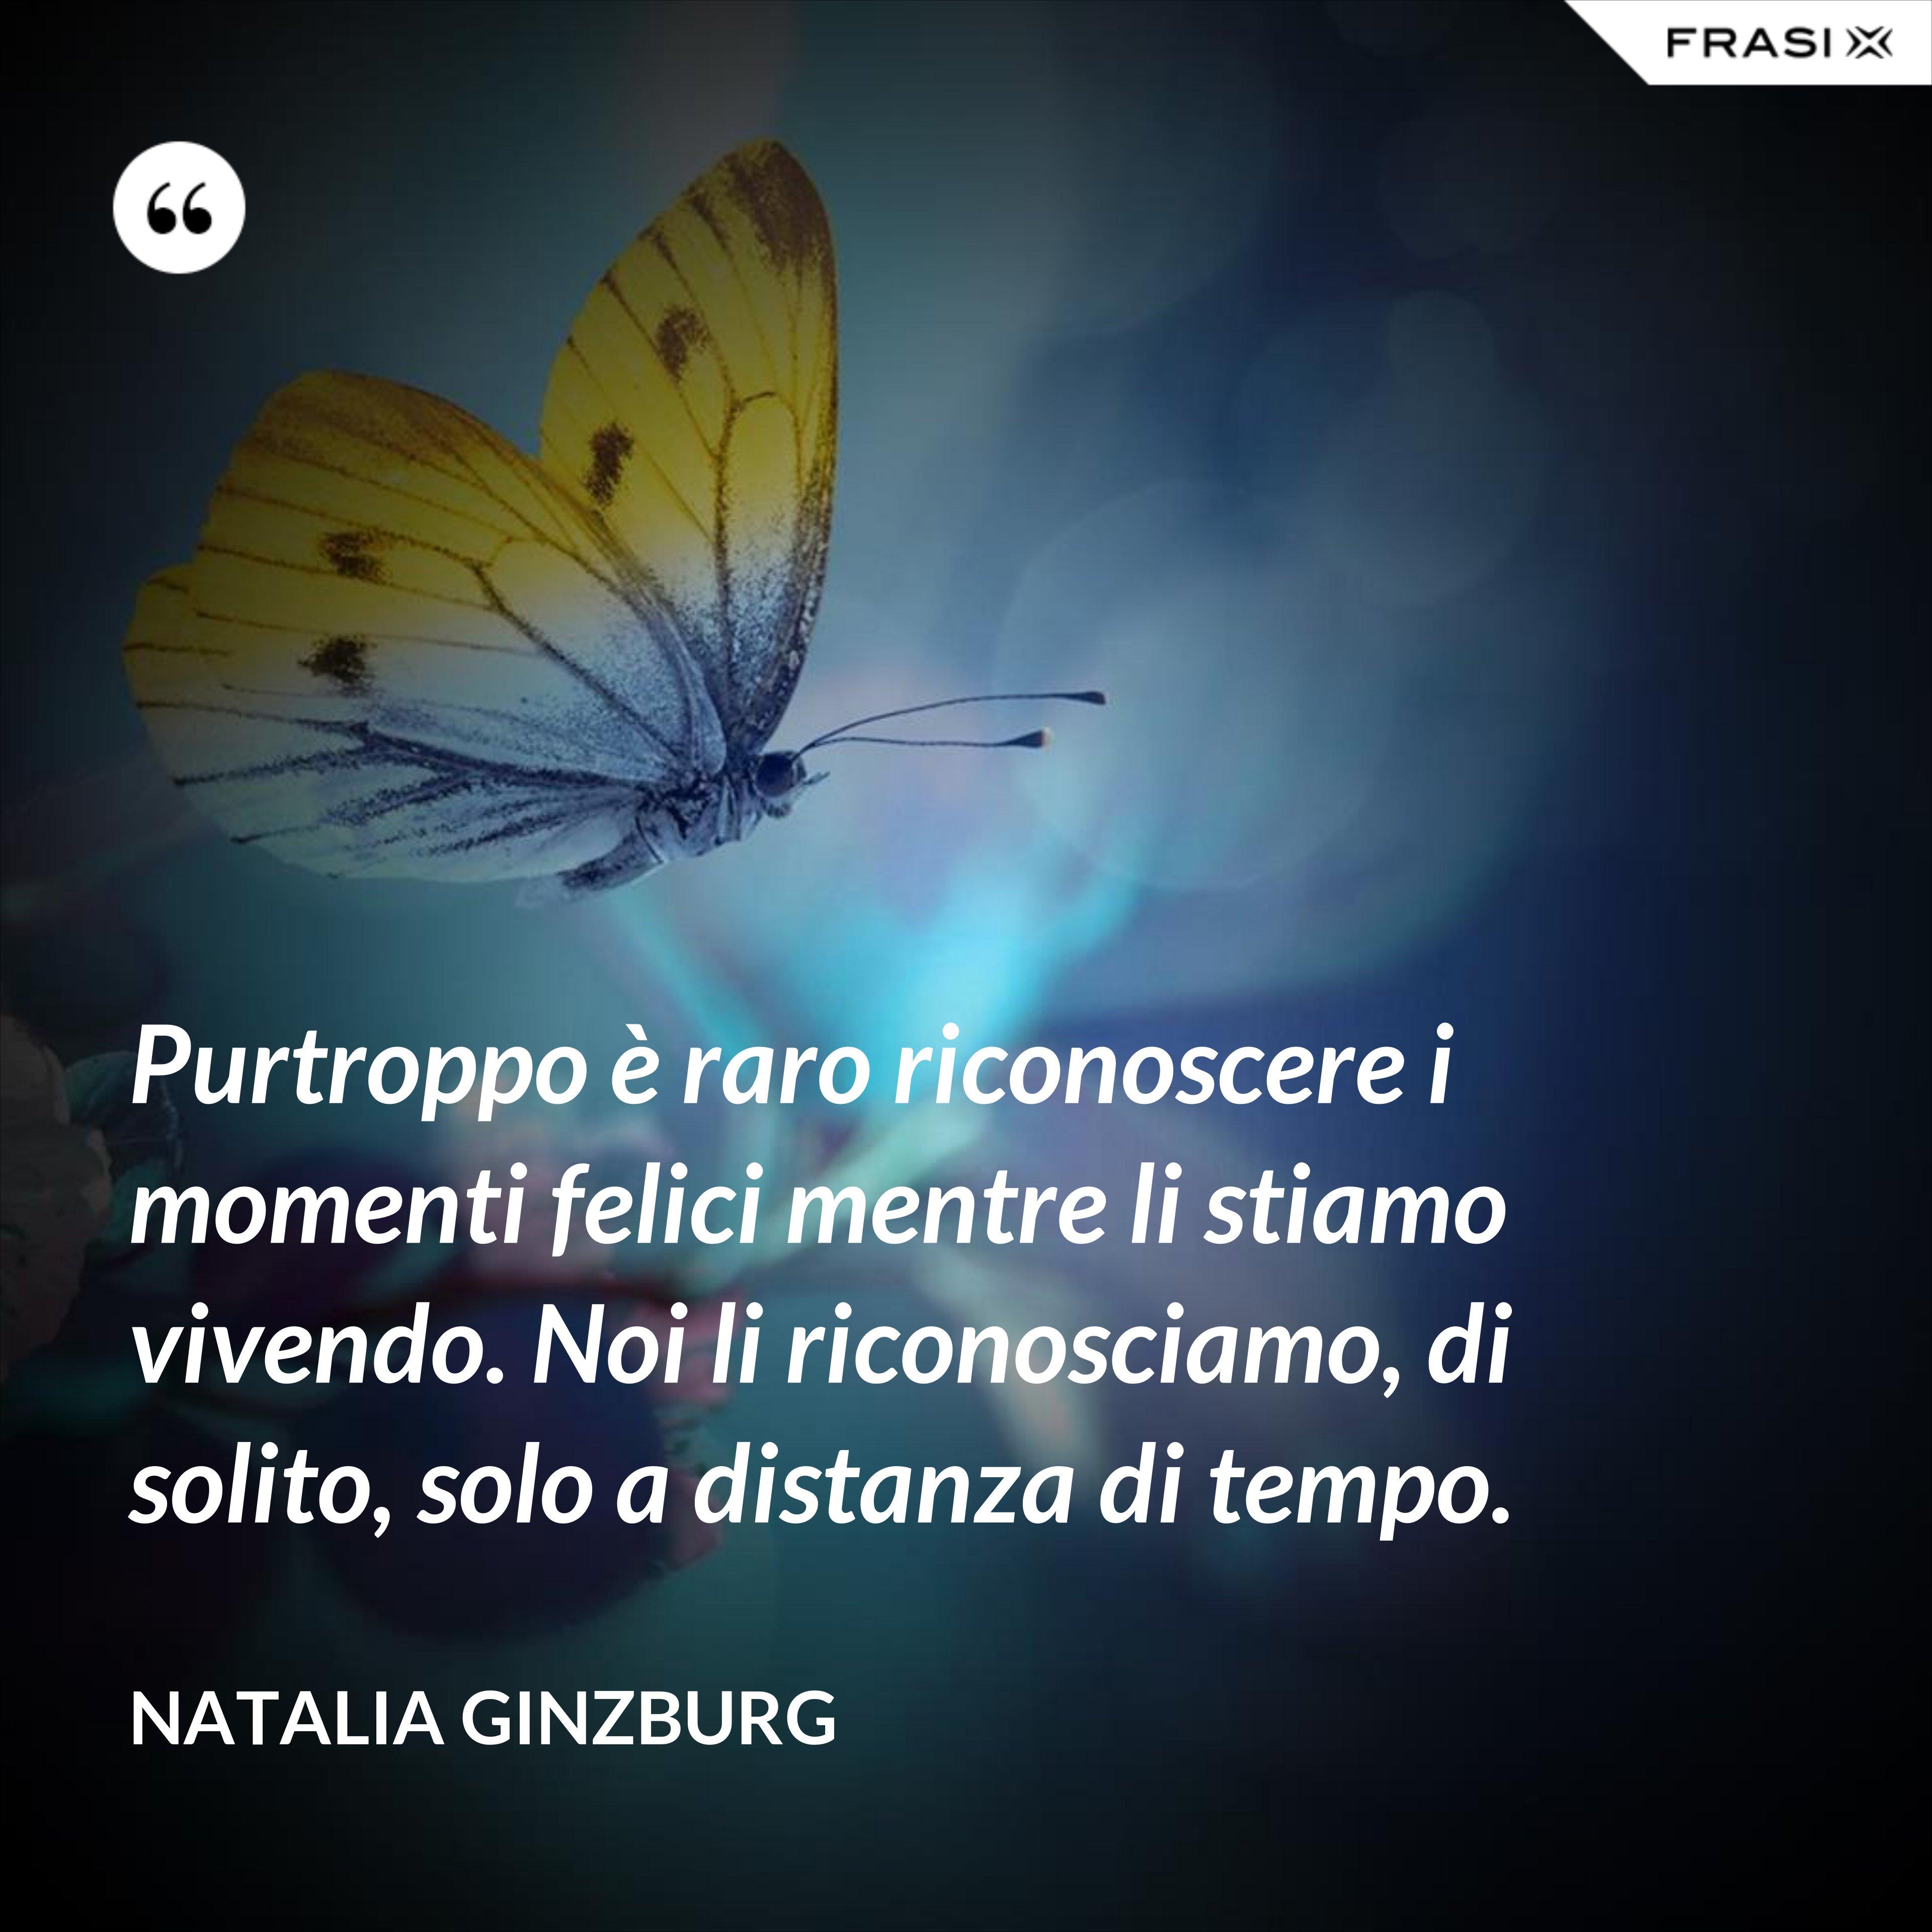 Purtroppo è raro riconoscere i momenti felici mentre li stiamo vivendo. Noi li riconosciamo, di solito, solo a distanza di tempo. - Natalia Ginzburg